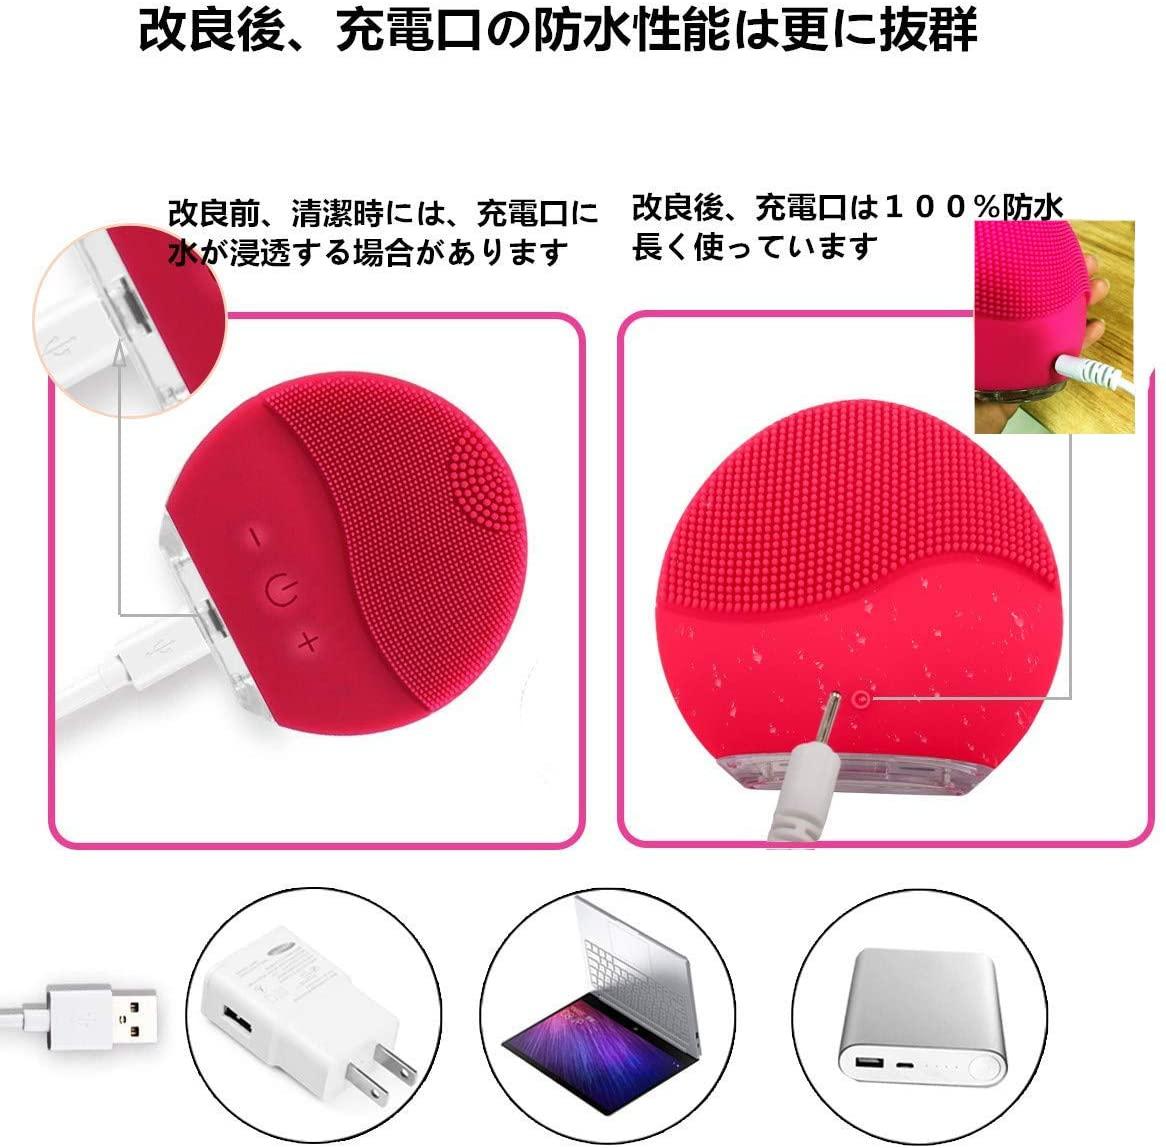 HANAMO(はなも)電動 洗顔ブラシの商品画像2